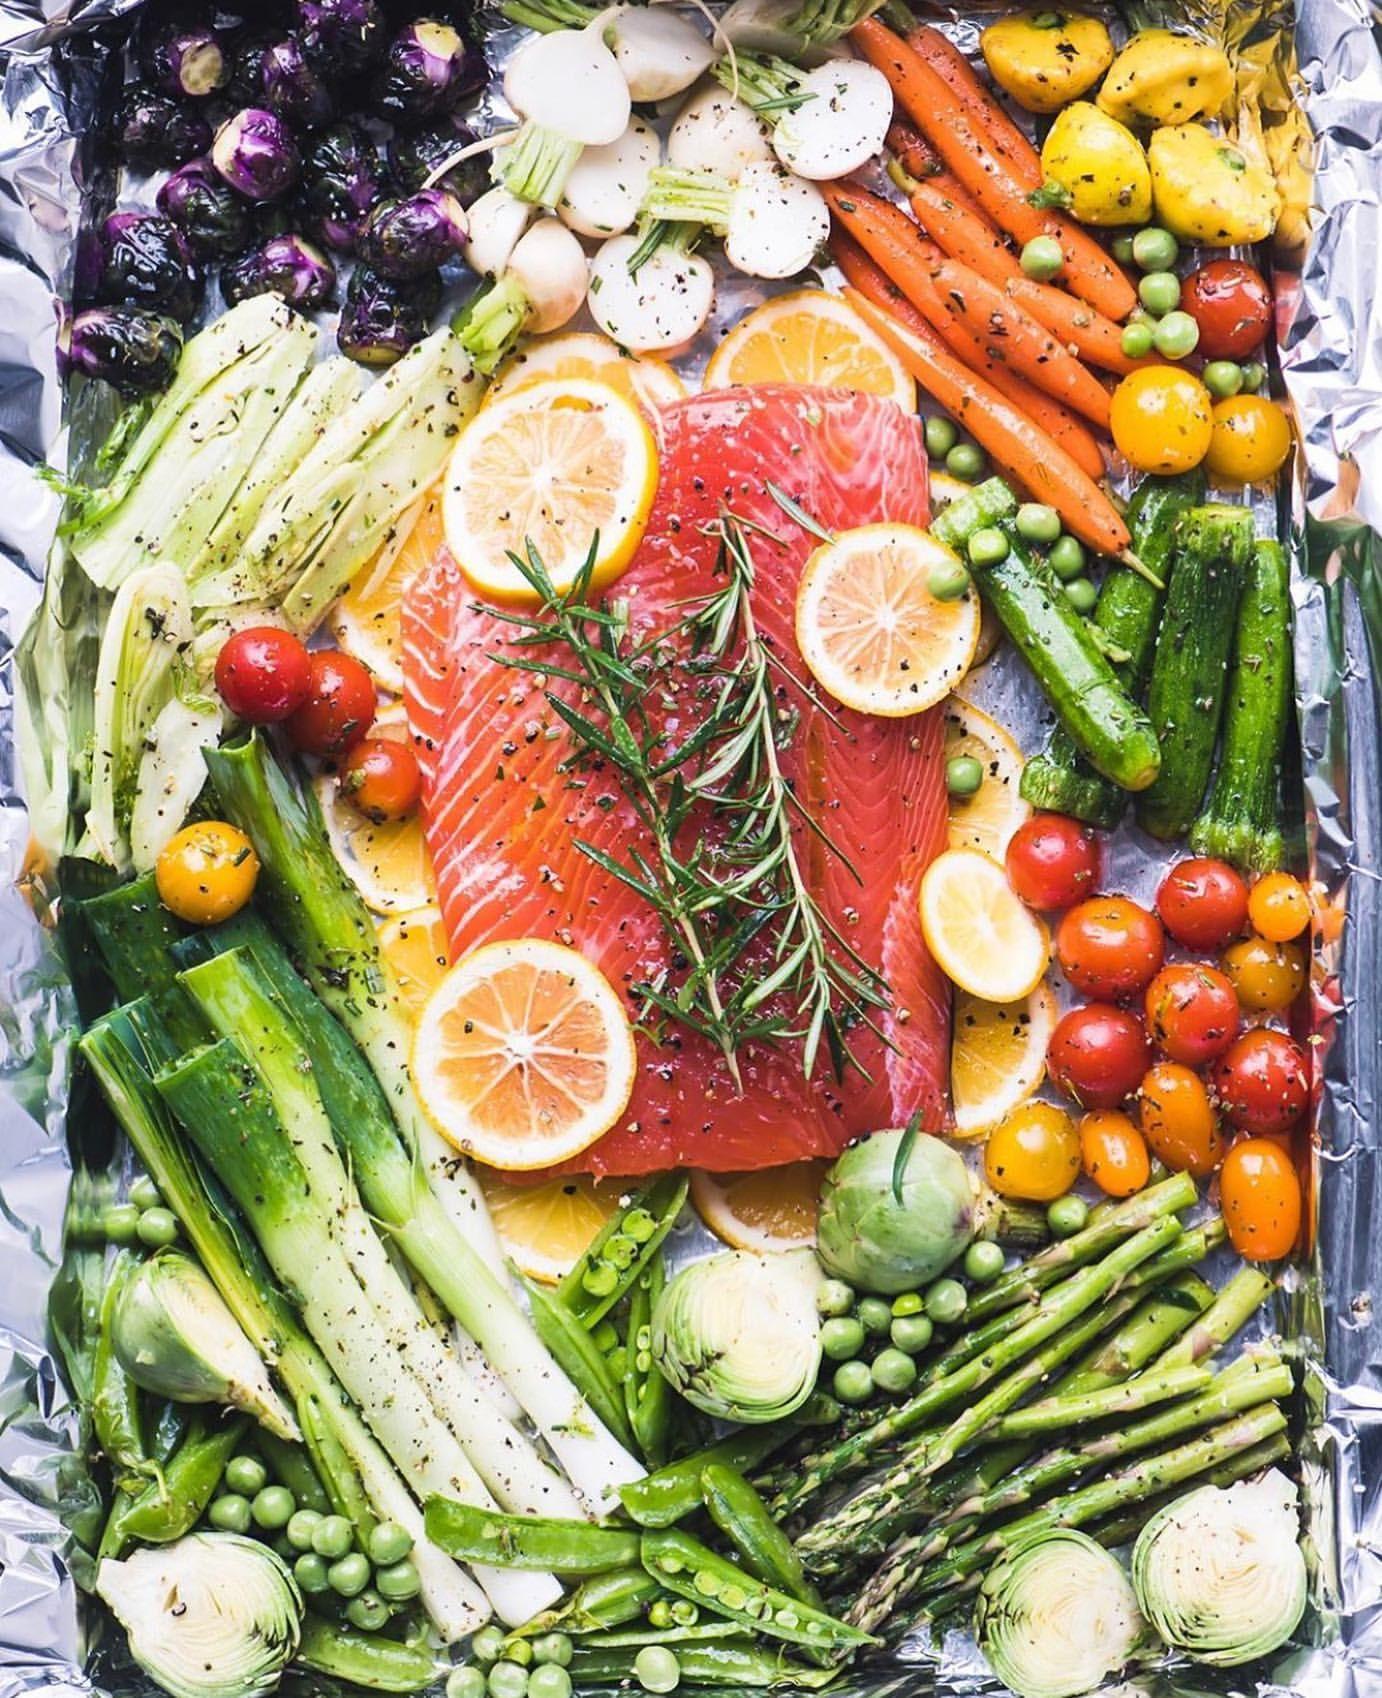 Sheet Pan Salmon and Spring Veggies